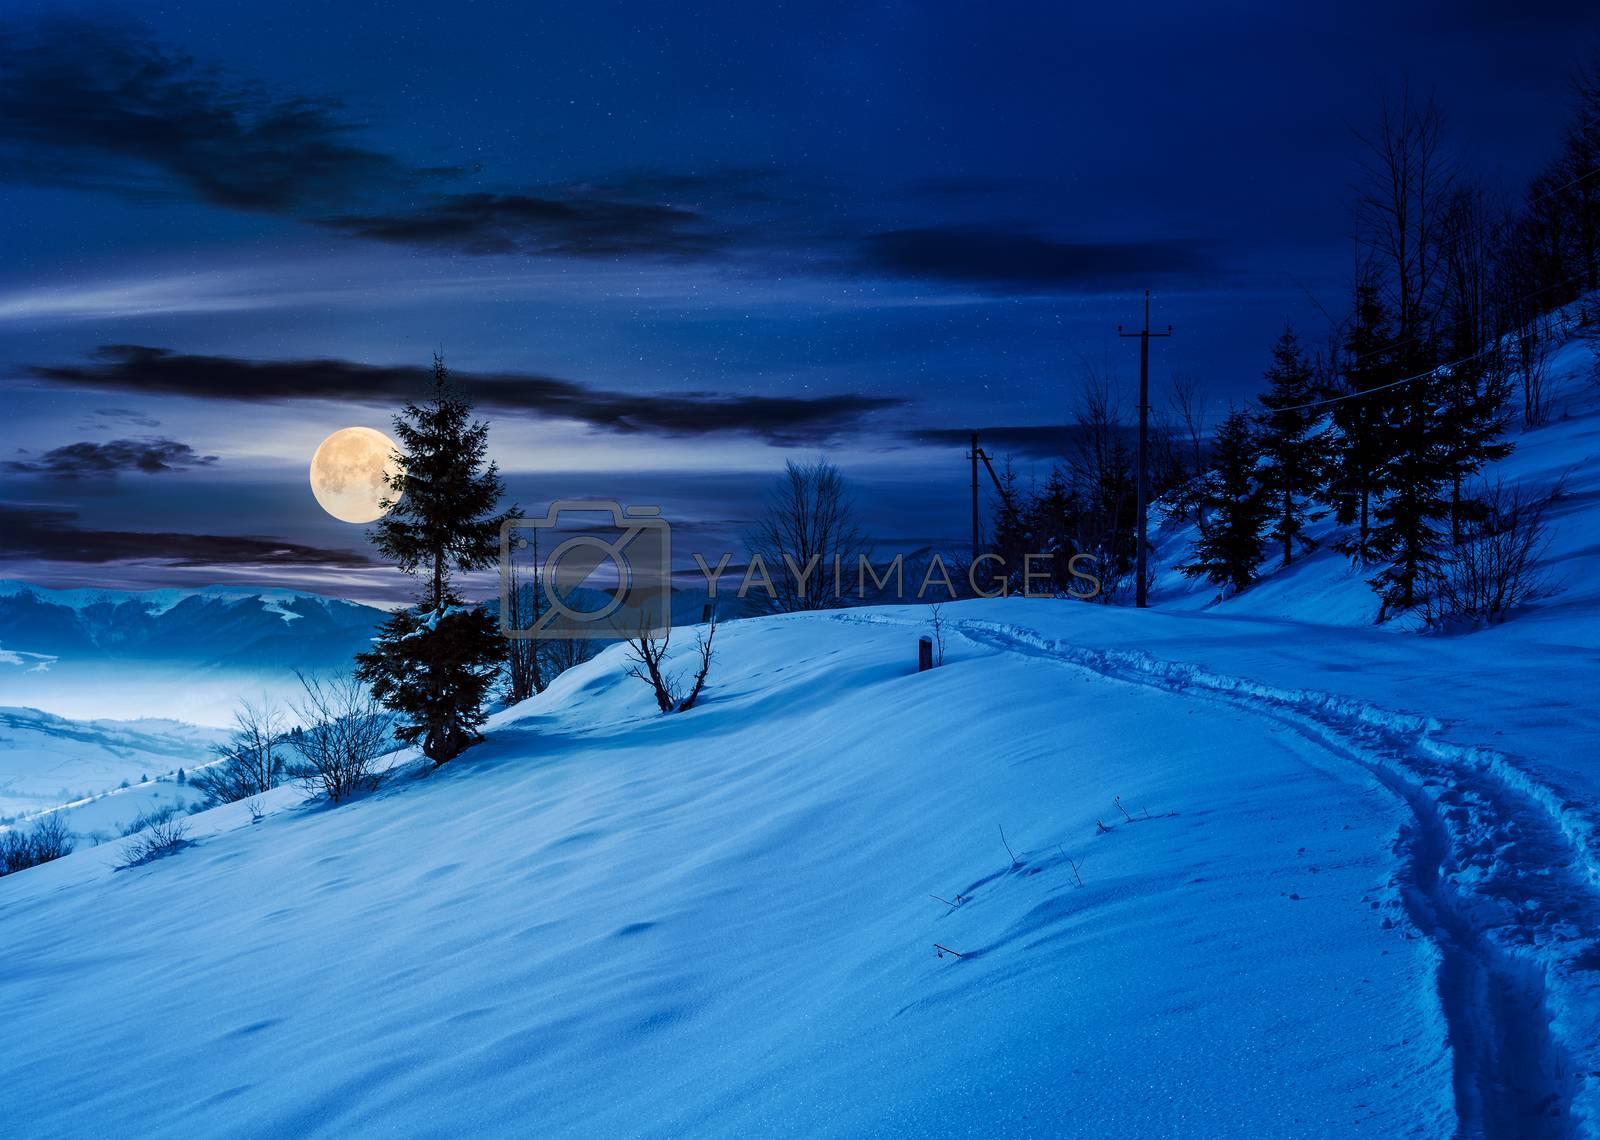 rural footpath through snowy hillside at night by Pellinni